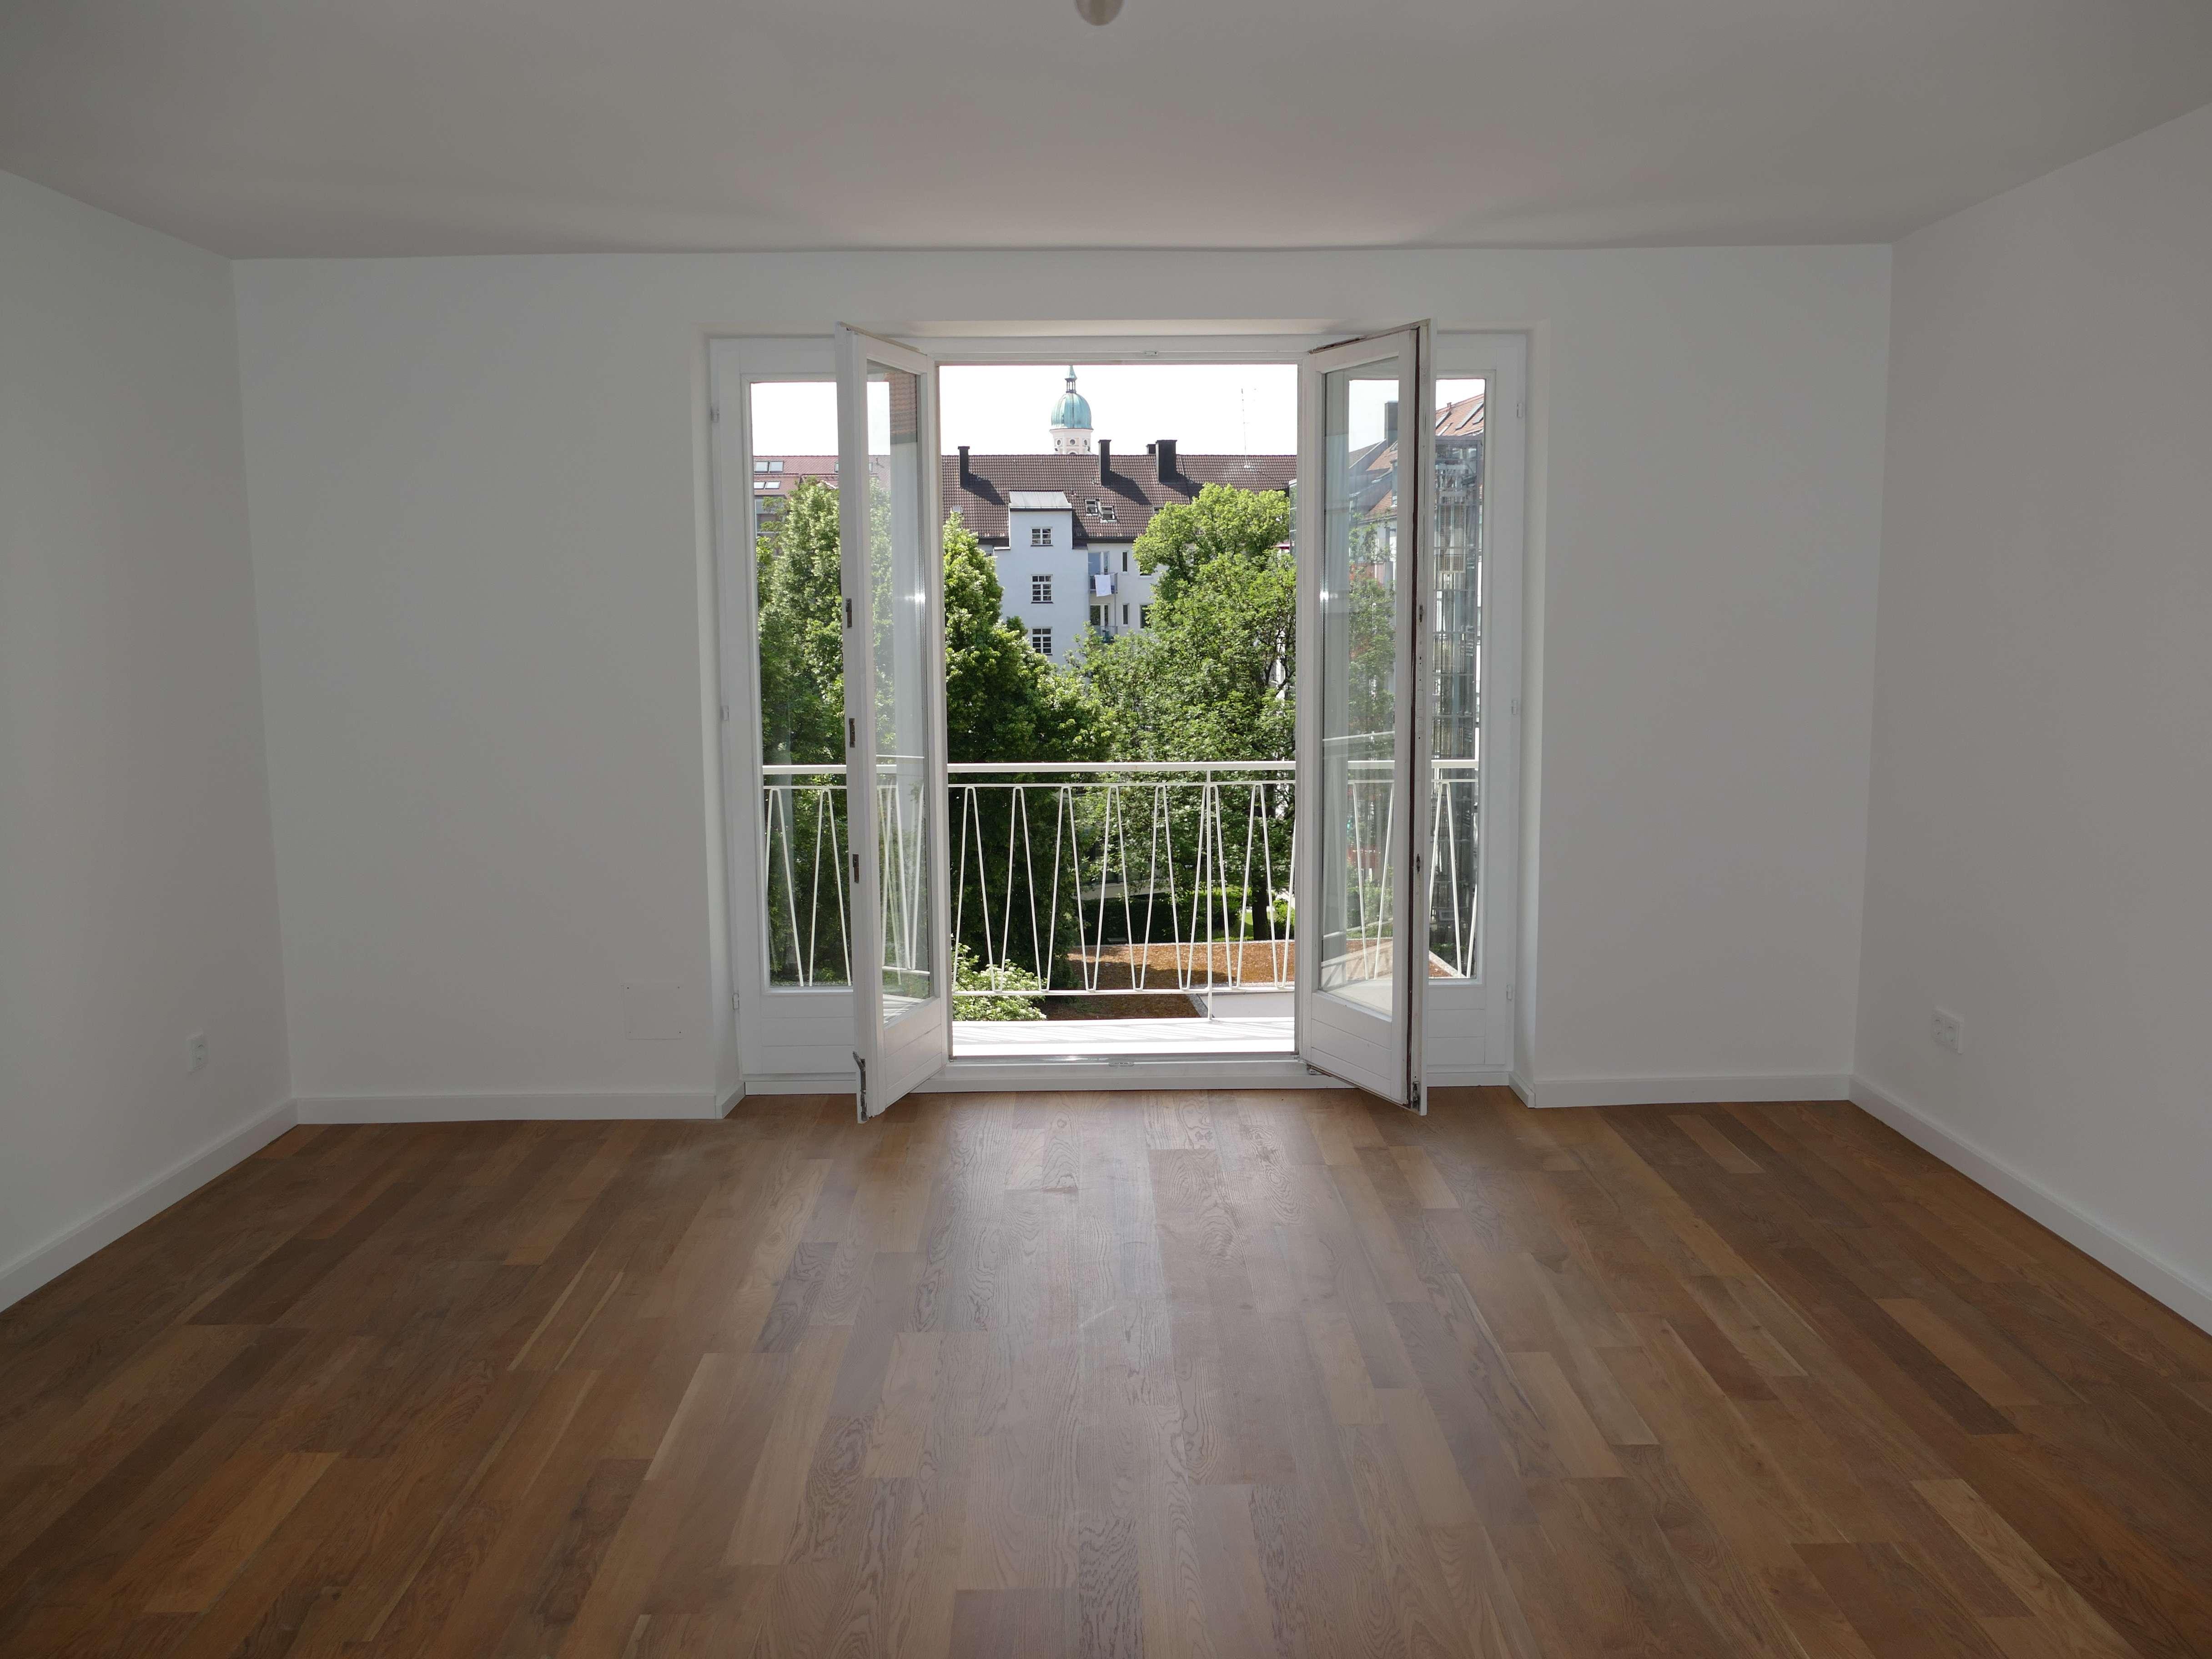 Befristet: Bestlage Schwabing, top-saniert, Süd-Balkon in Schwabing-West (München)